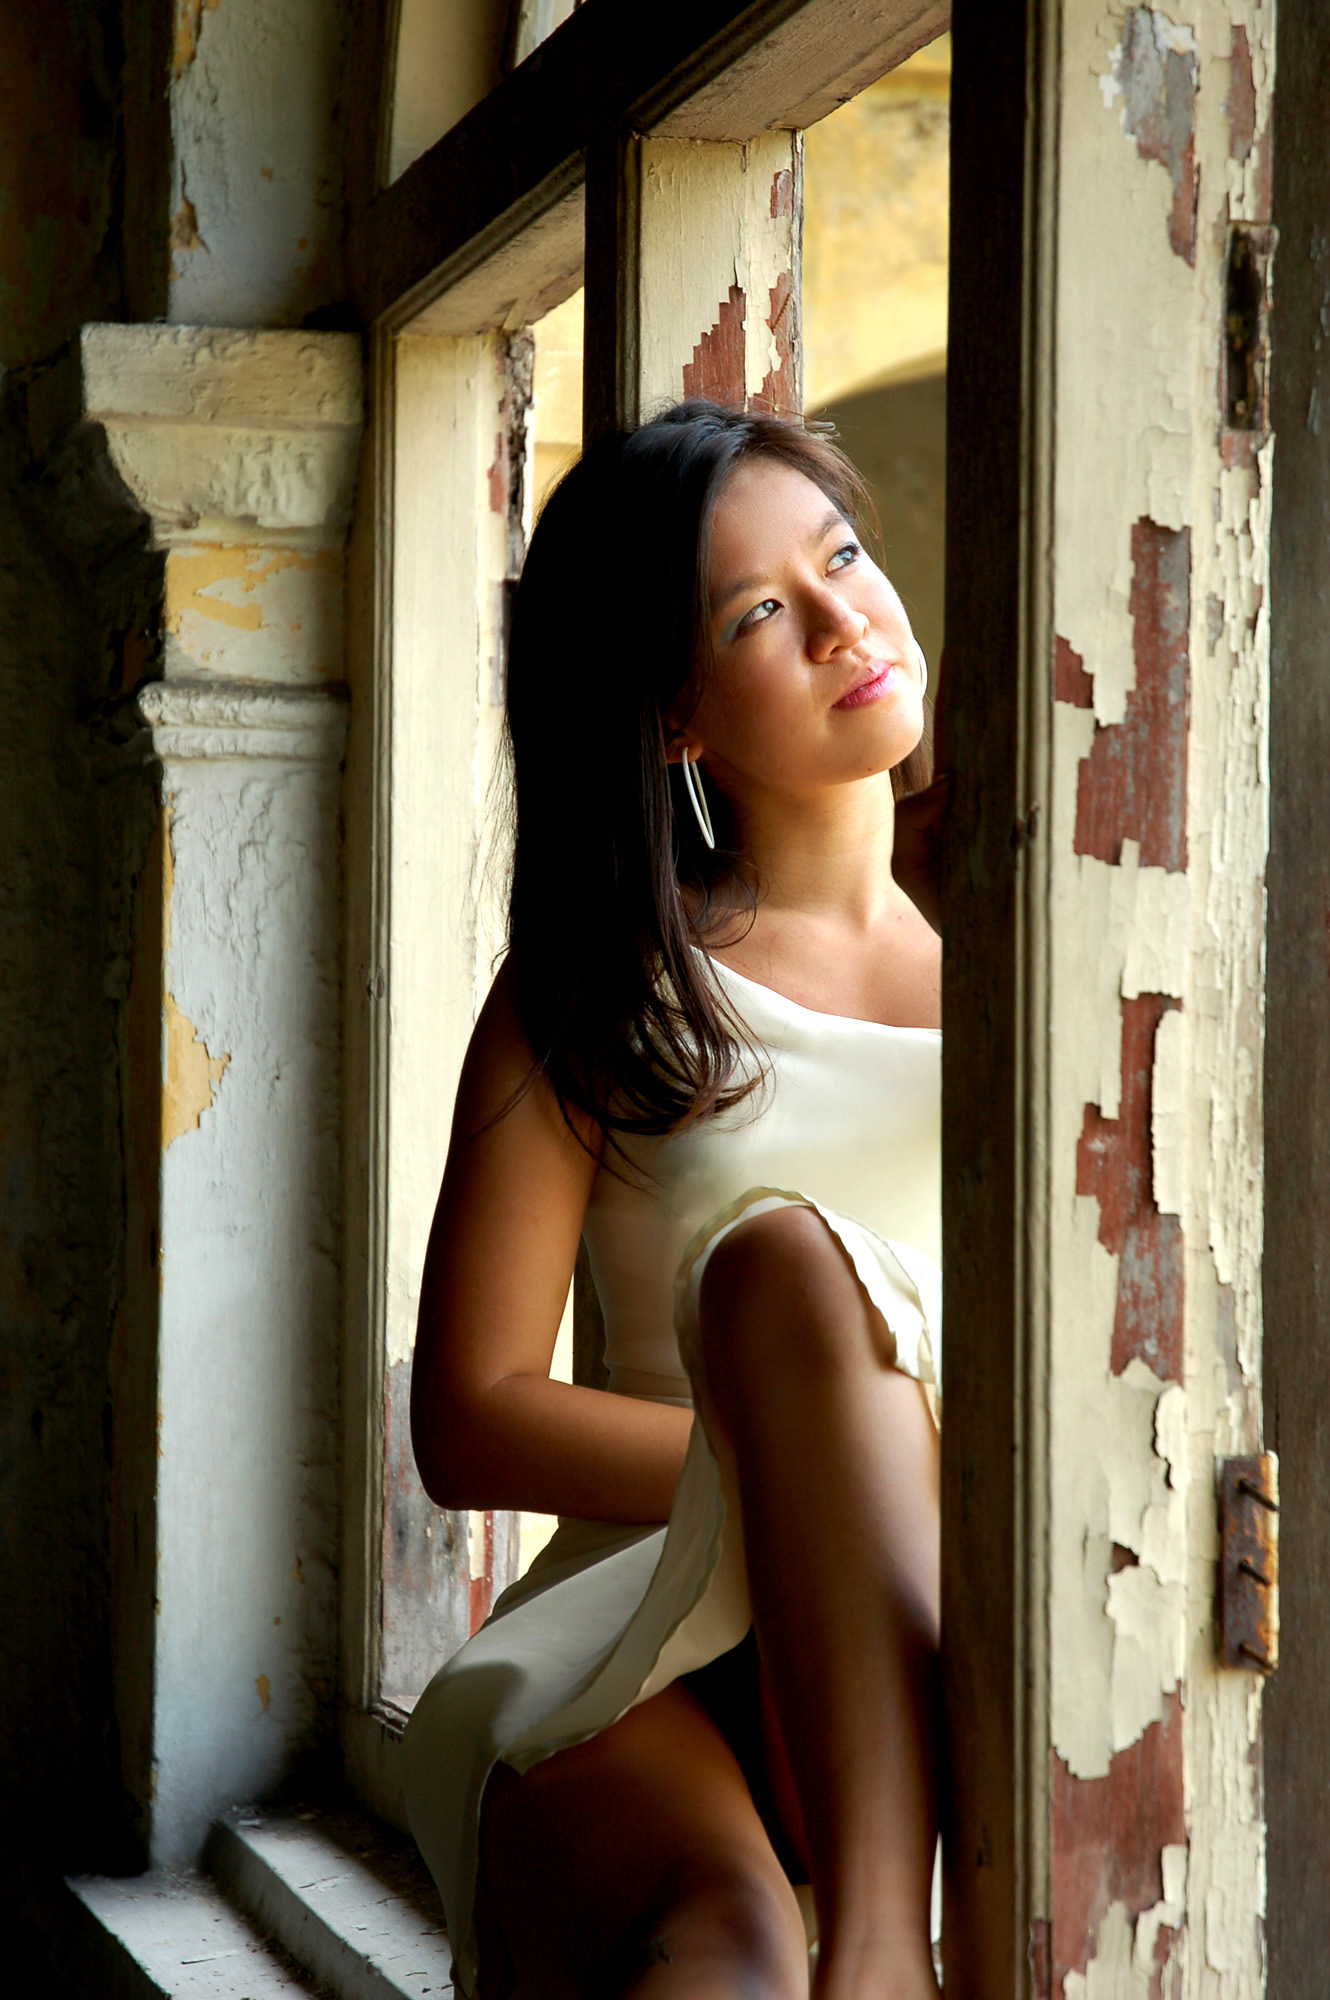 photo by aaron zhang